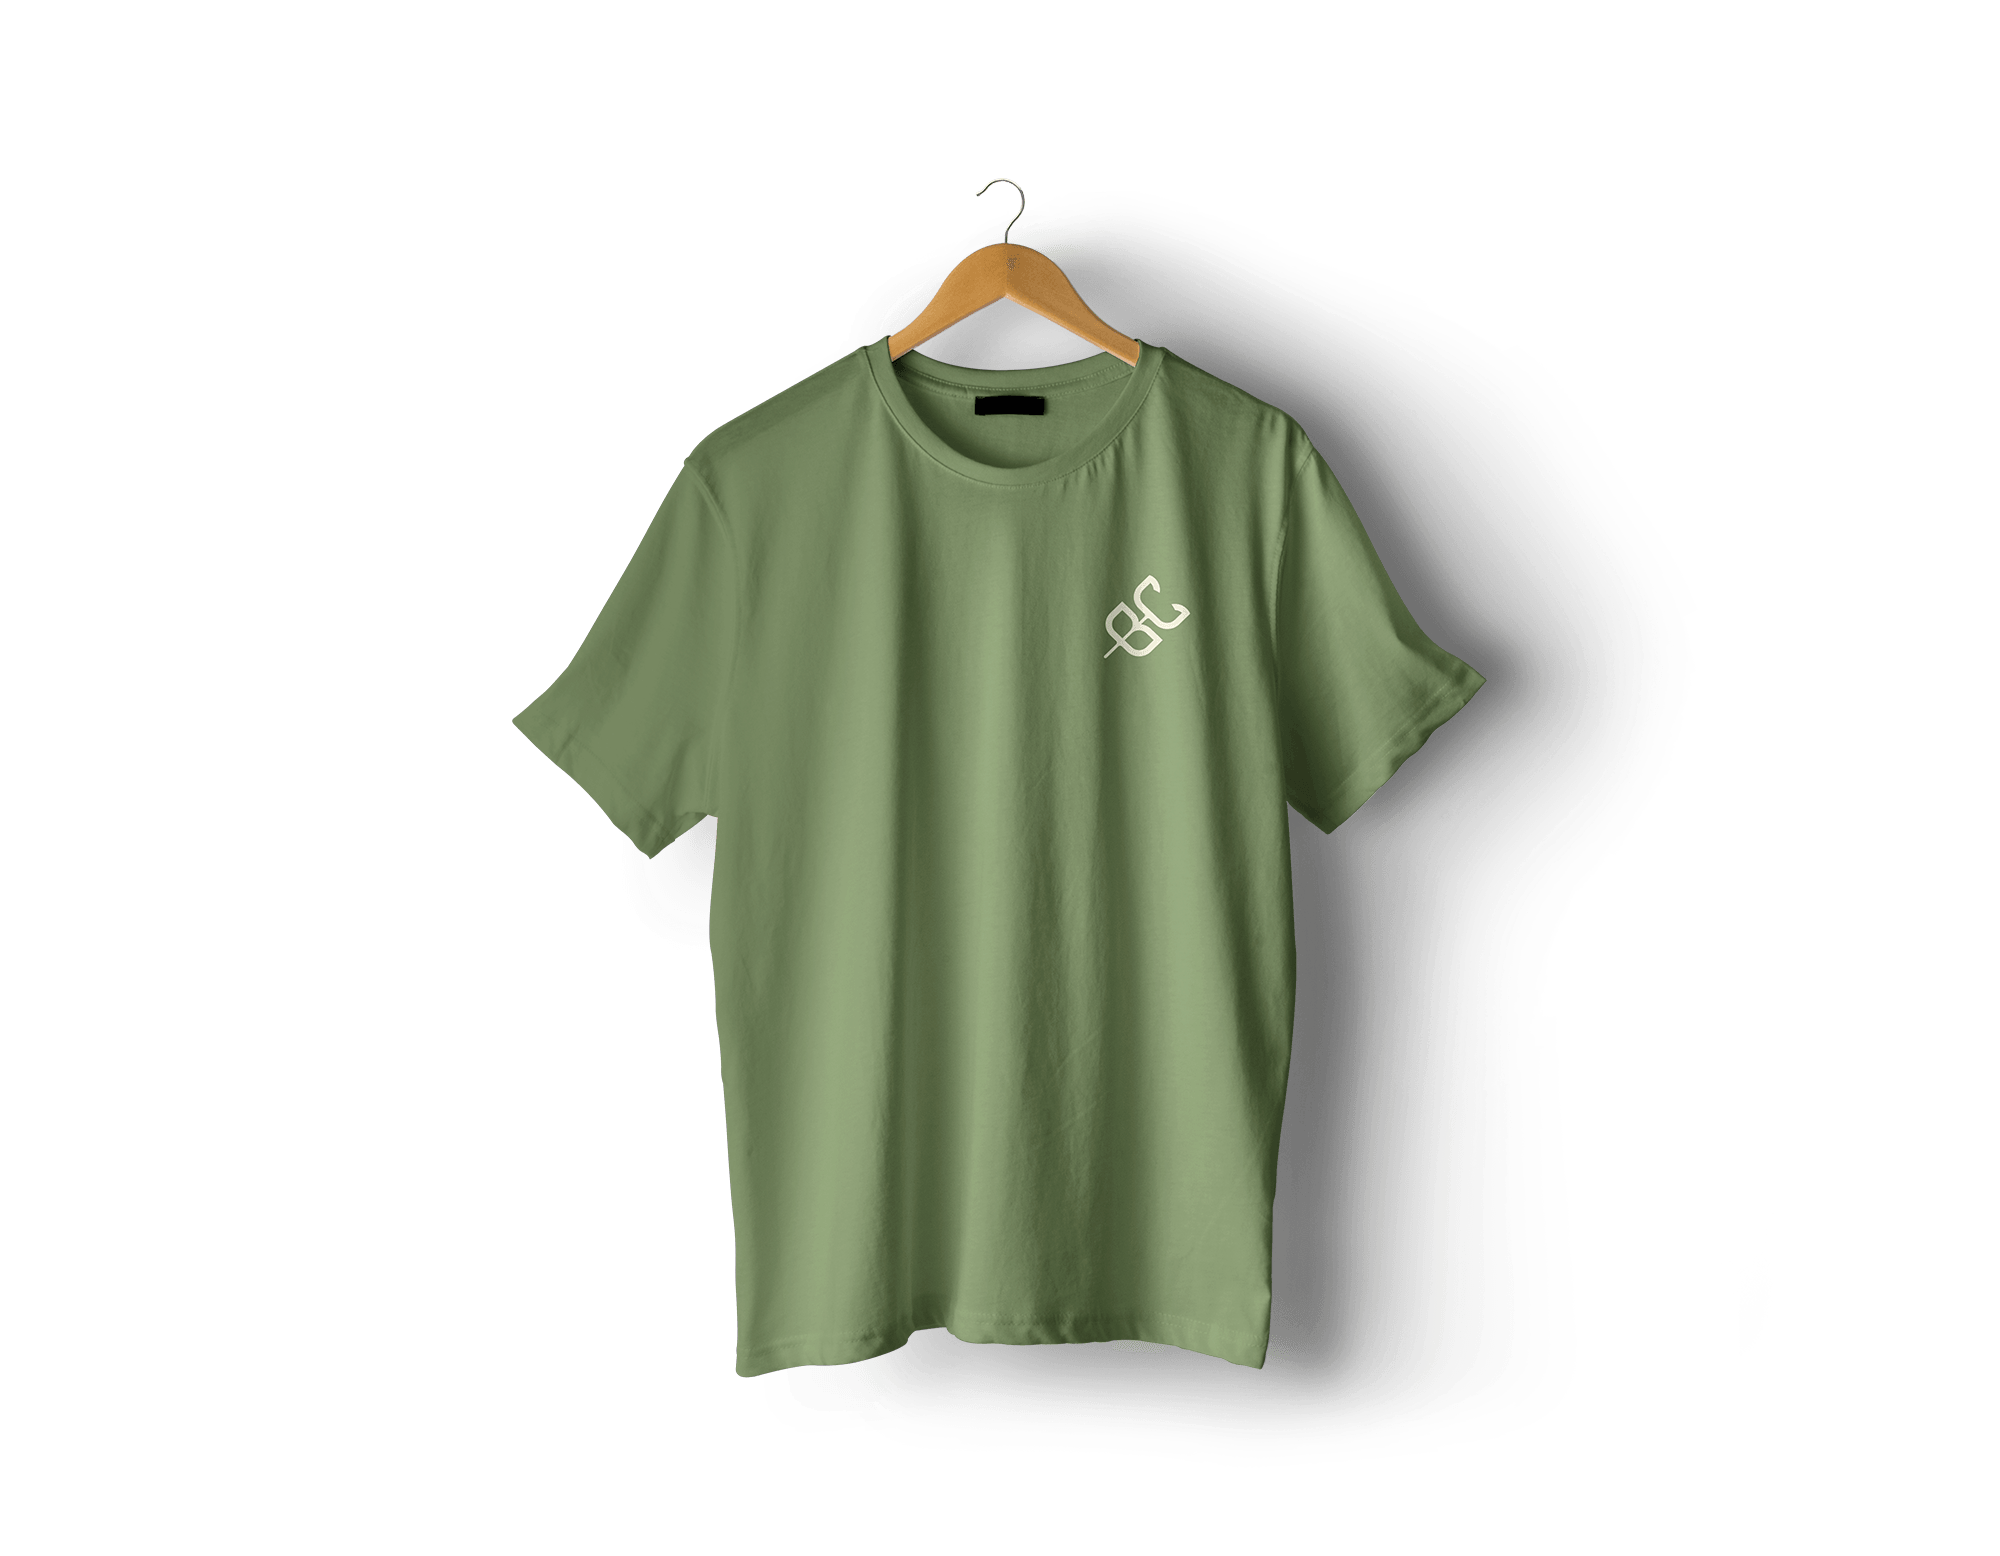 Betley Court T shirt